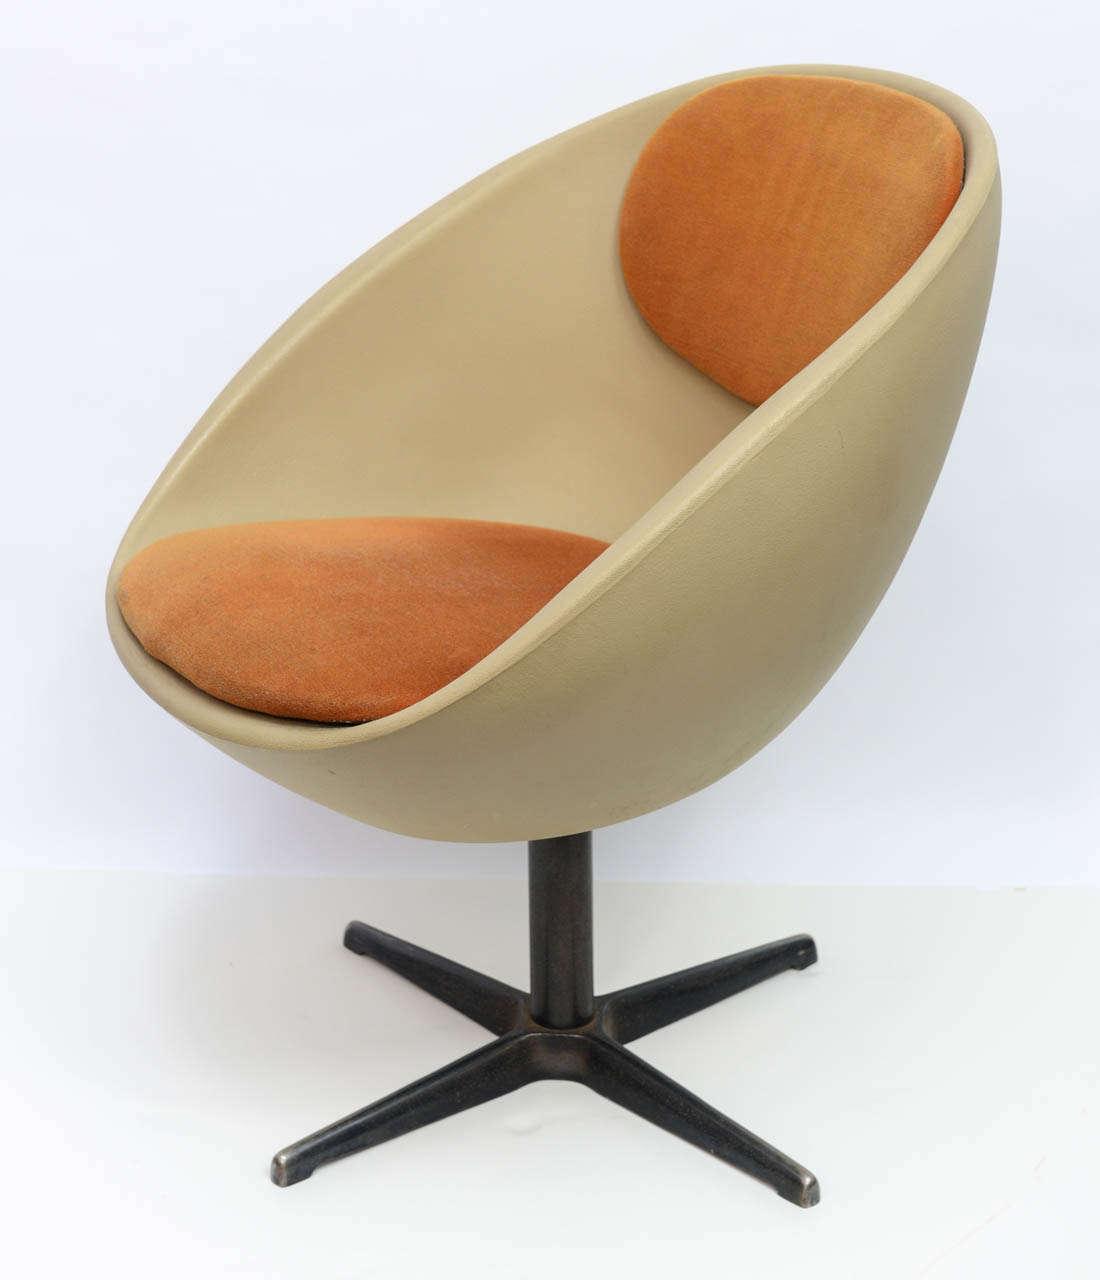 egg desk chair woven hanging pod 1960s ball swivel at 1stdibs